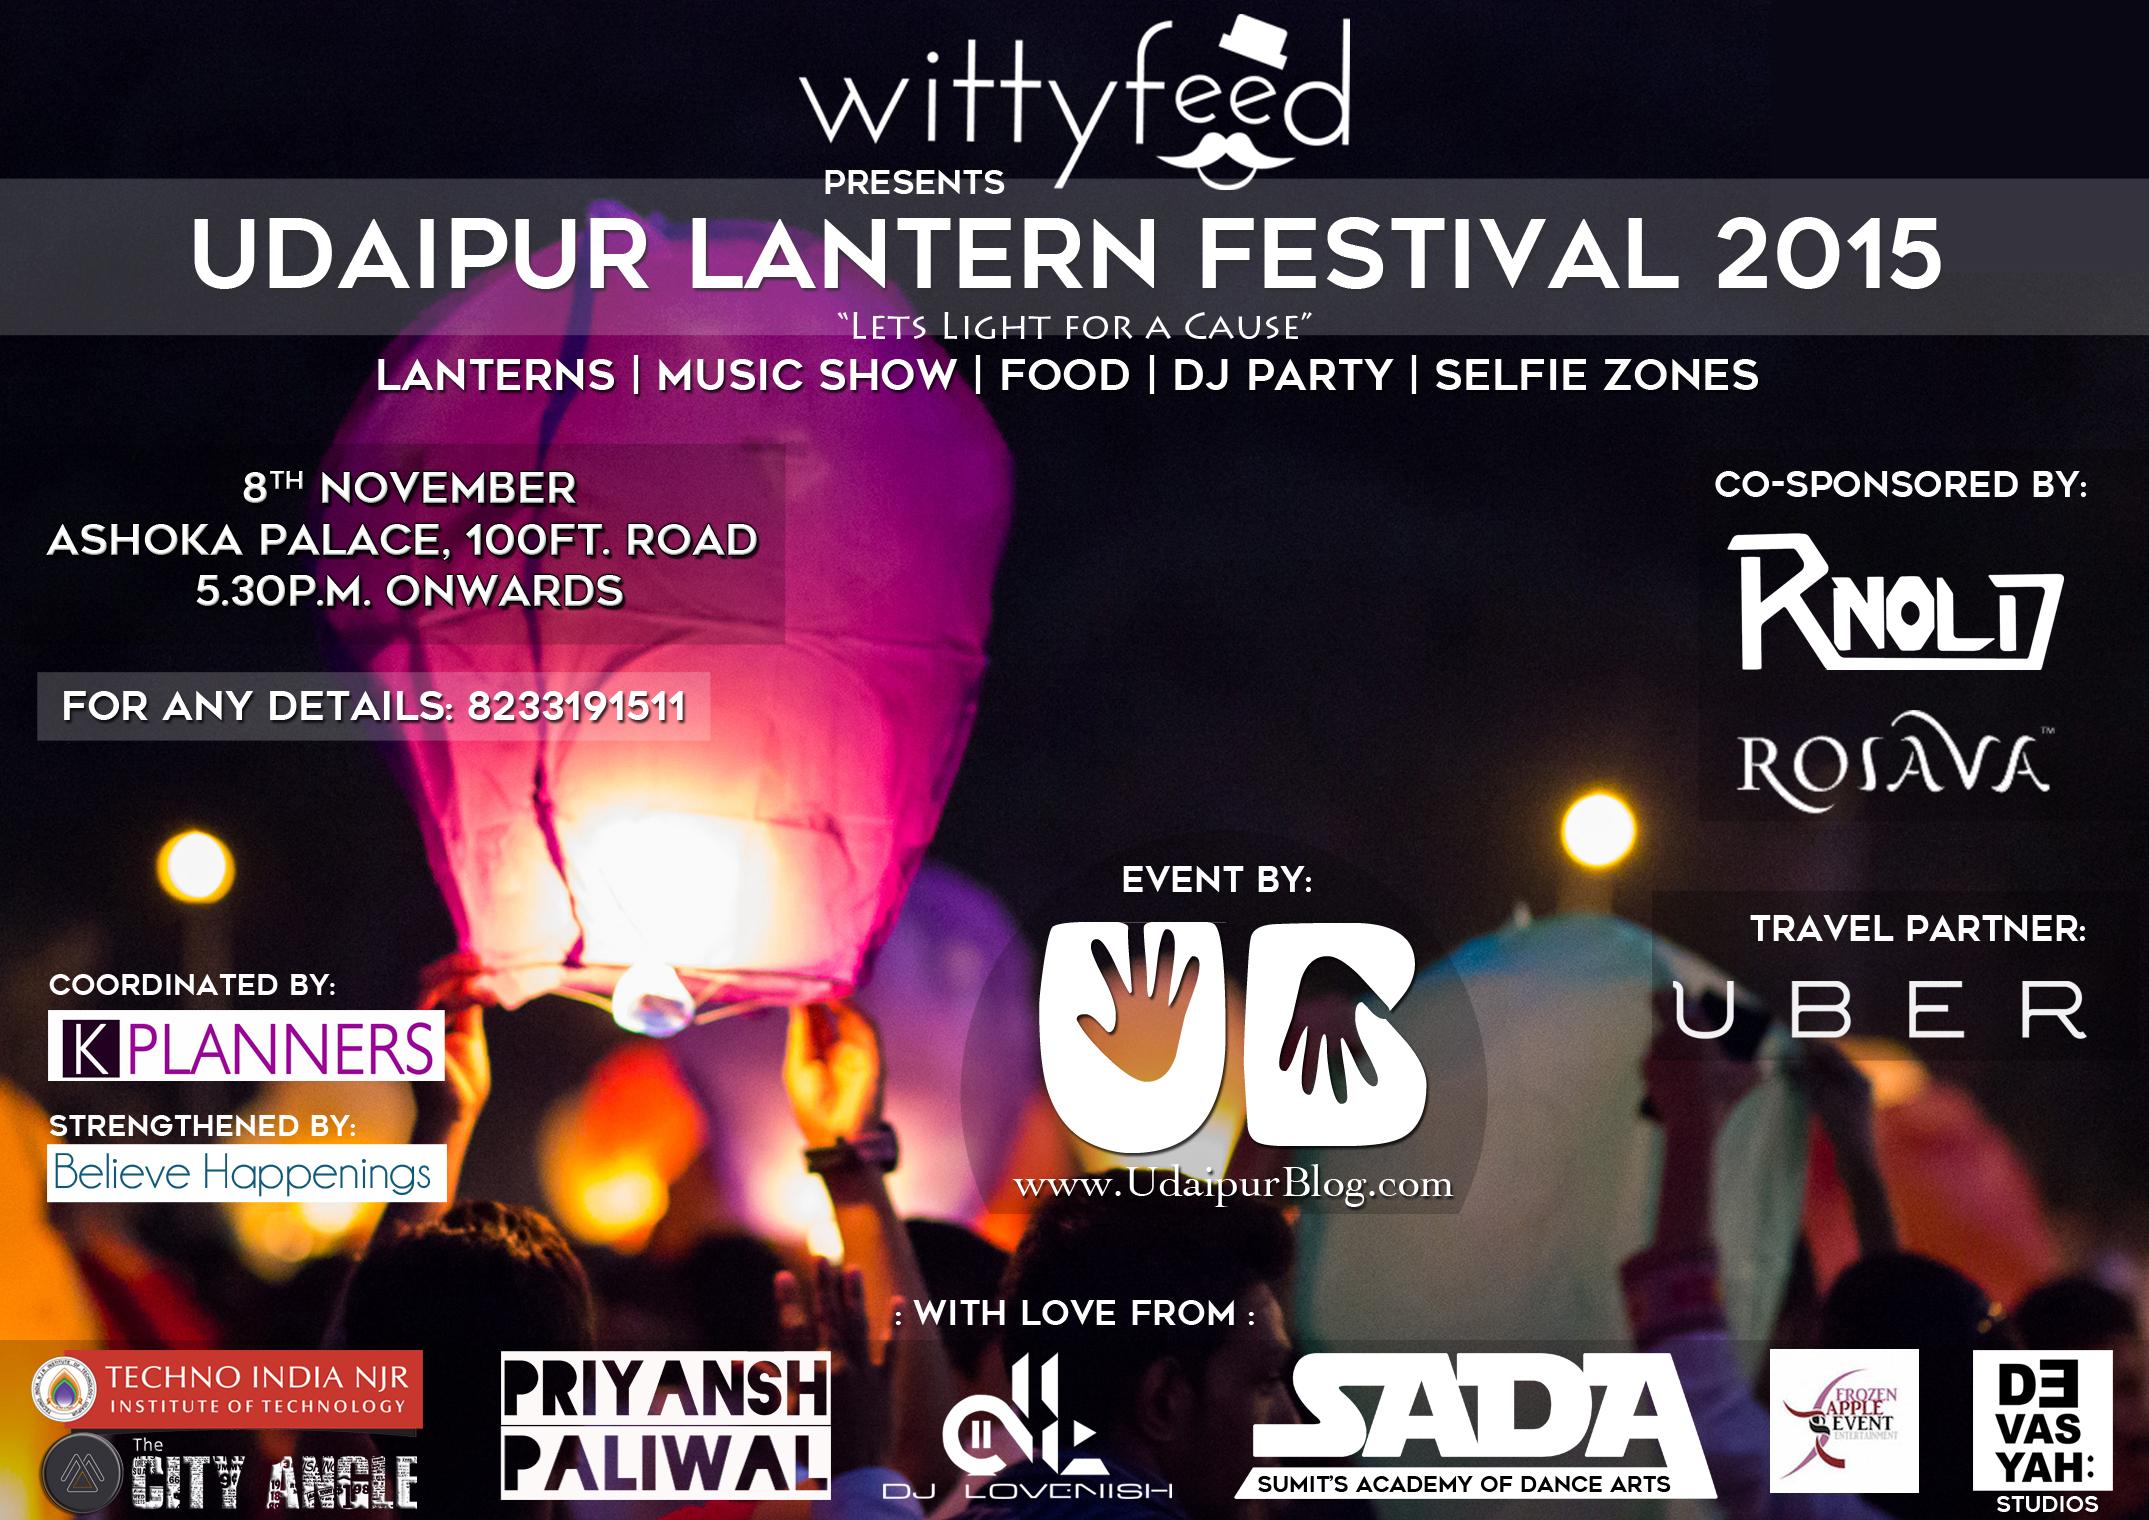 [Invitation] Udaipur Lantern Festival 2015